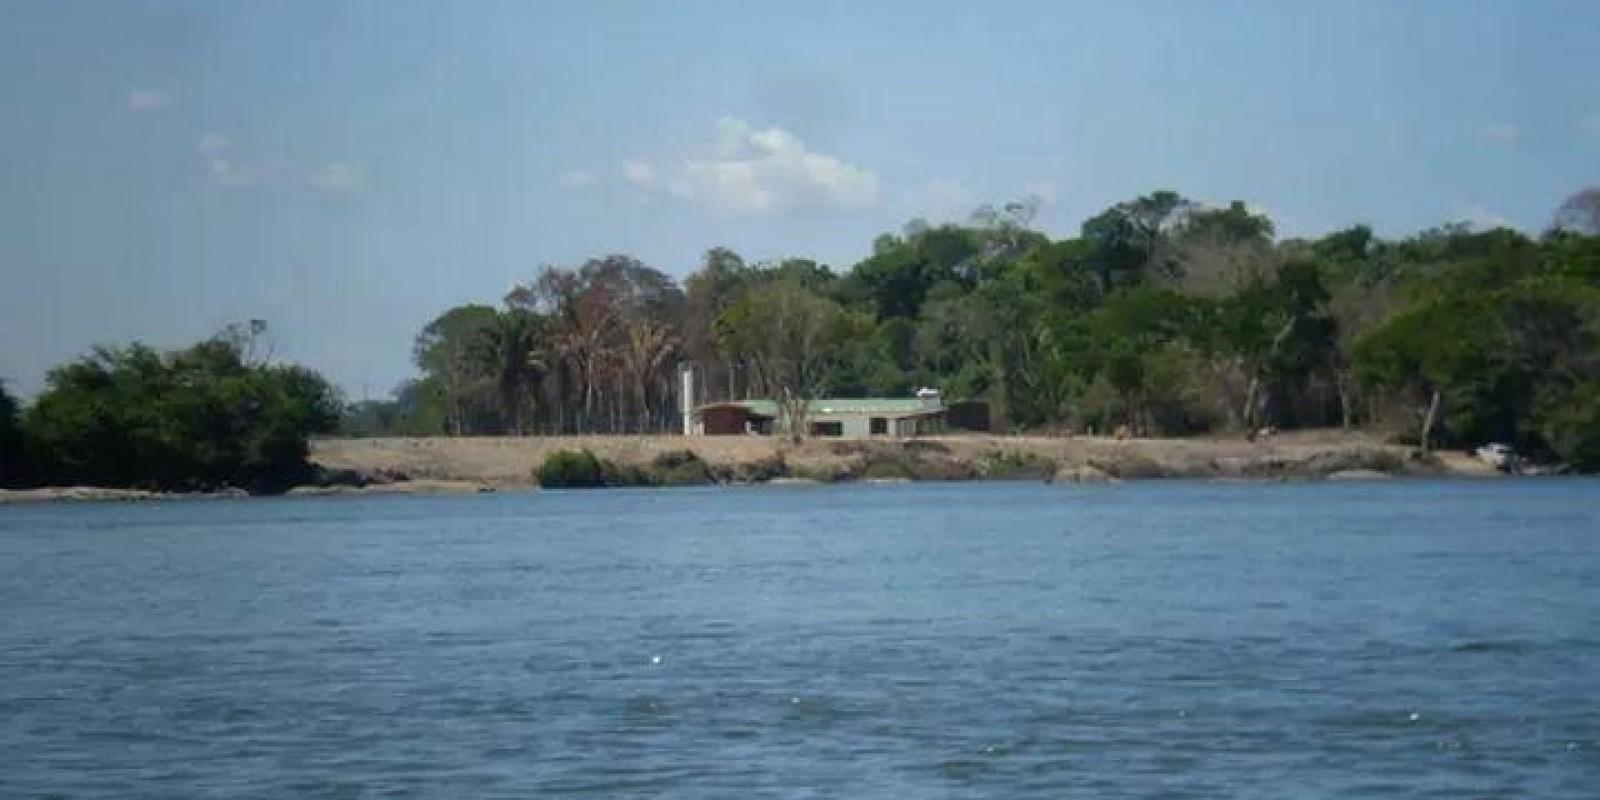 Pousada Vida Dura - Rio Juruena - 36 pessoas - Foto 11 de 38